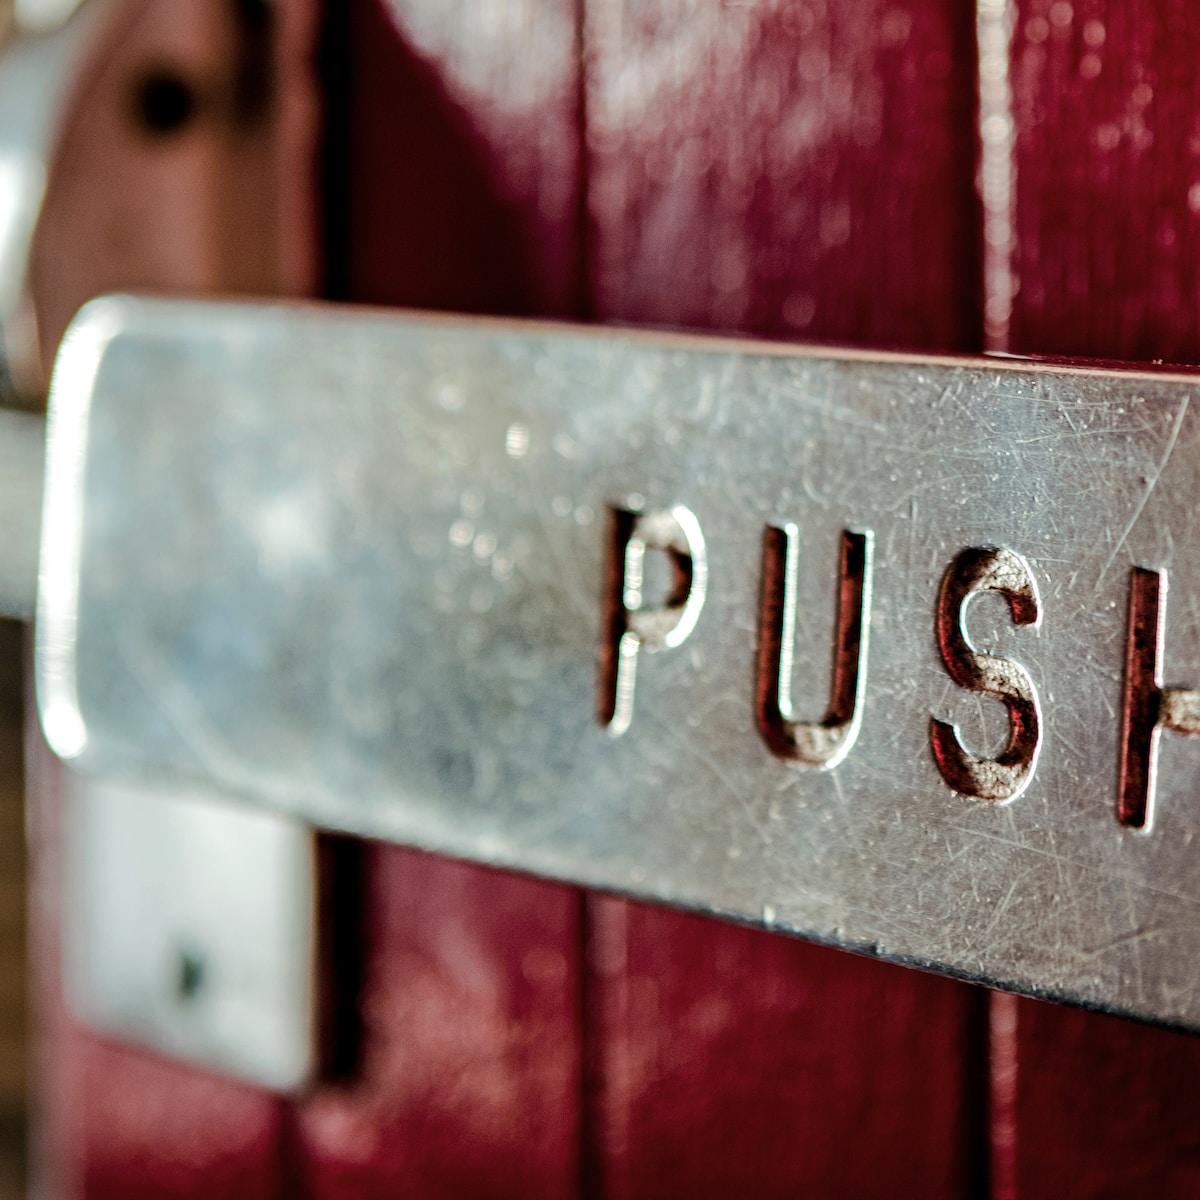 Todoistのプッシュ通知が届かない場合の設定方法